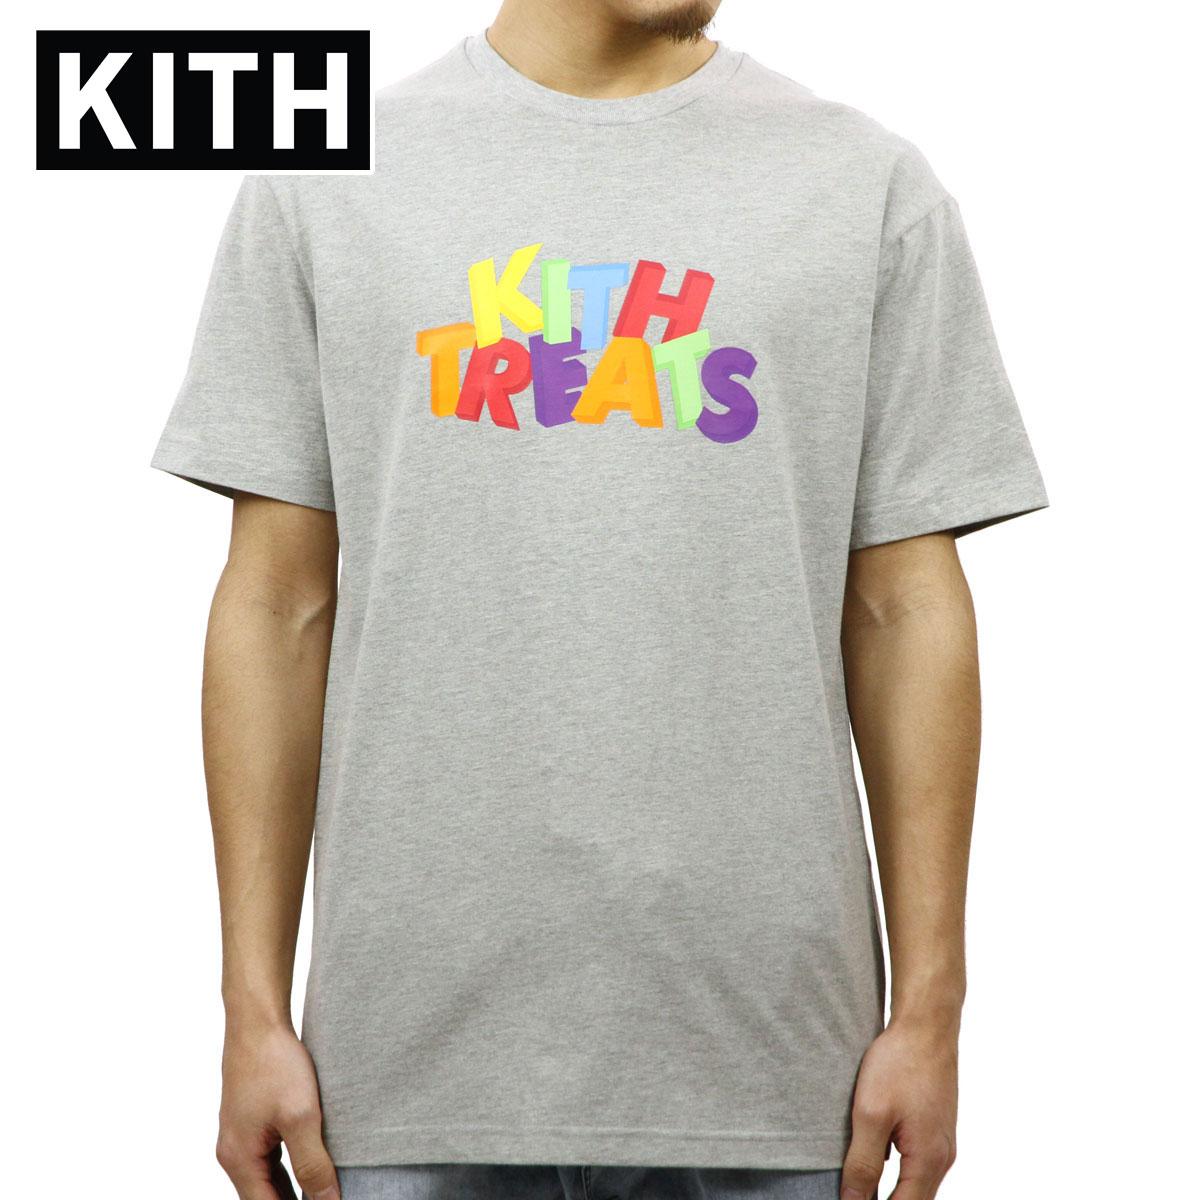 キス KITH 正規品 メンズ クルーネック 半袖Tシャツ KITH TREATS 3D TEE GREY KH3258-103